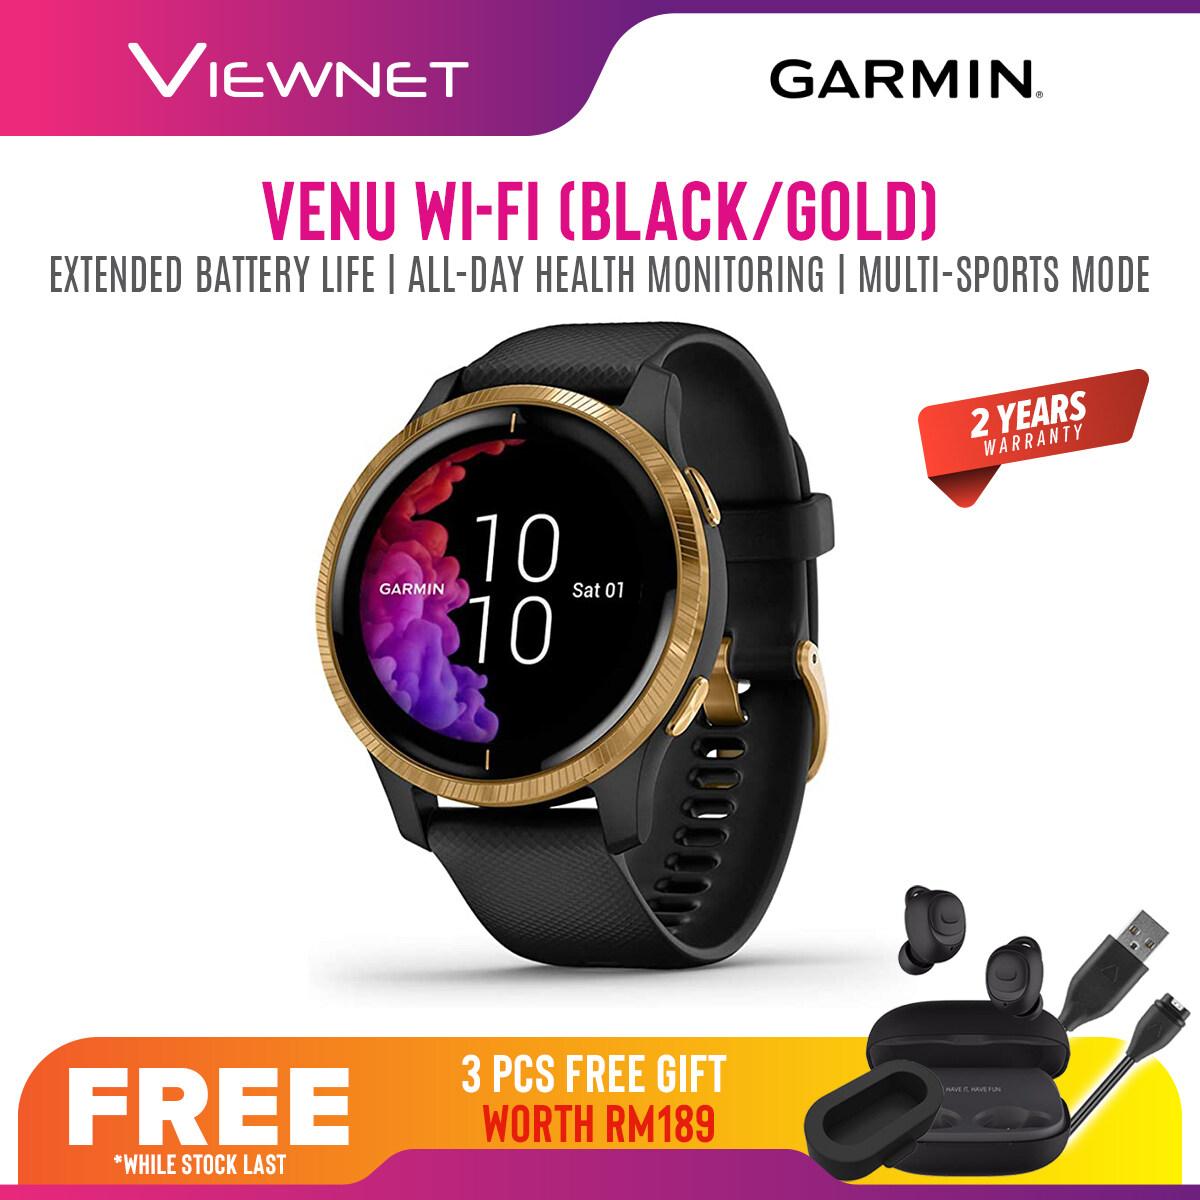 (NEW 2019) Garmin Venu GPS Smartwatch Fitness Watch with AMOLED Display